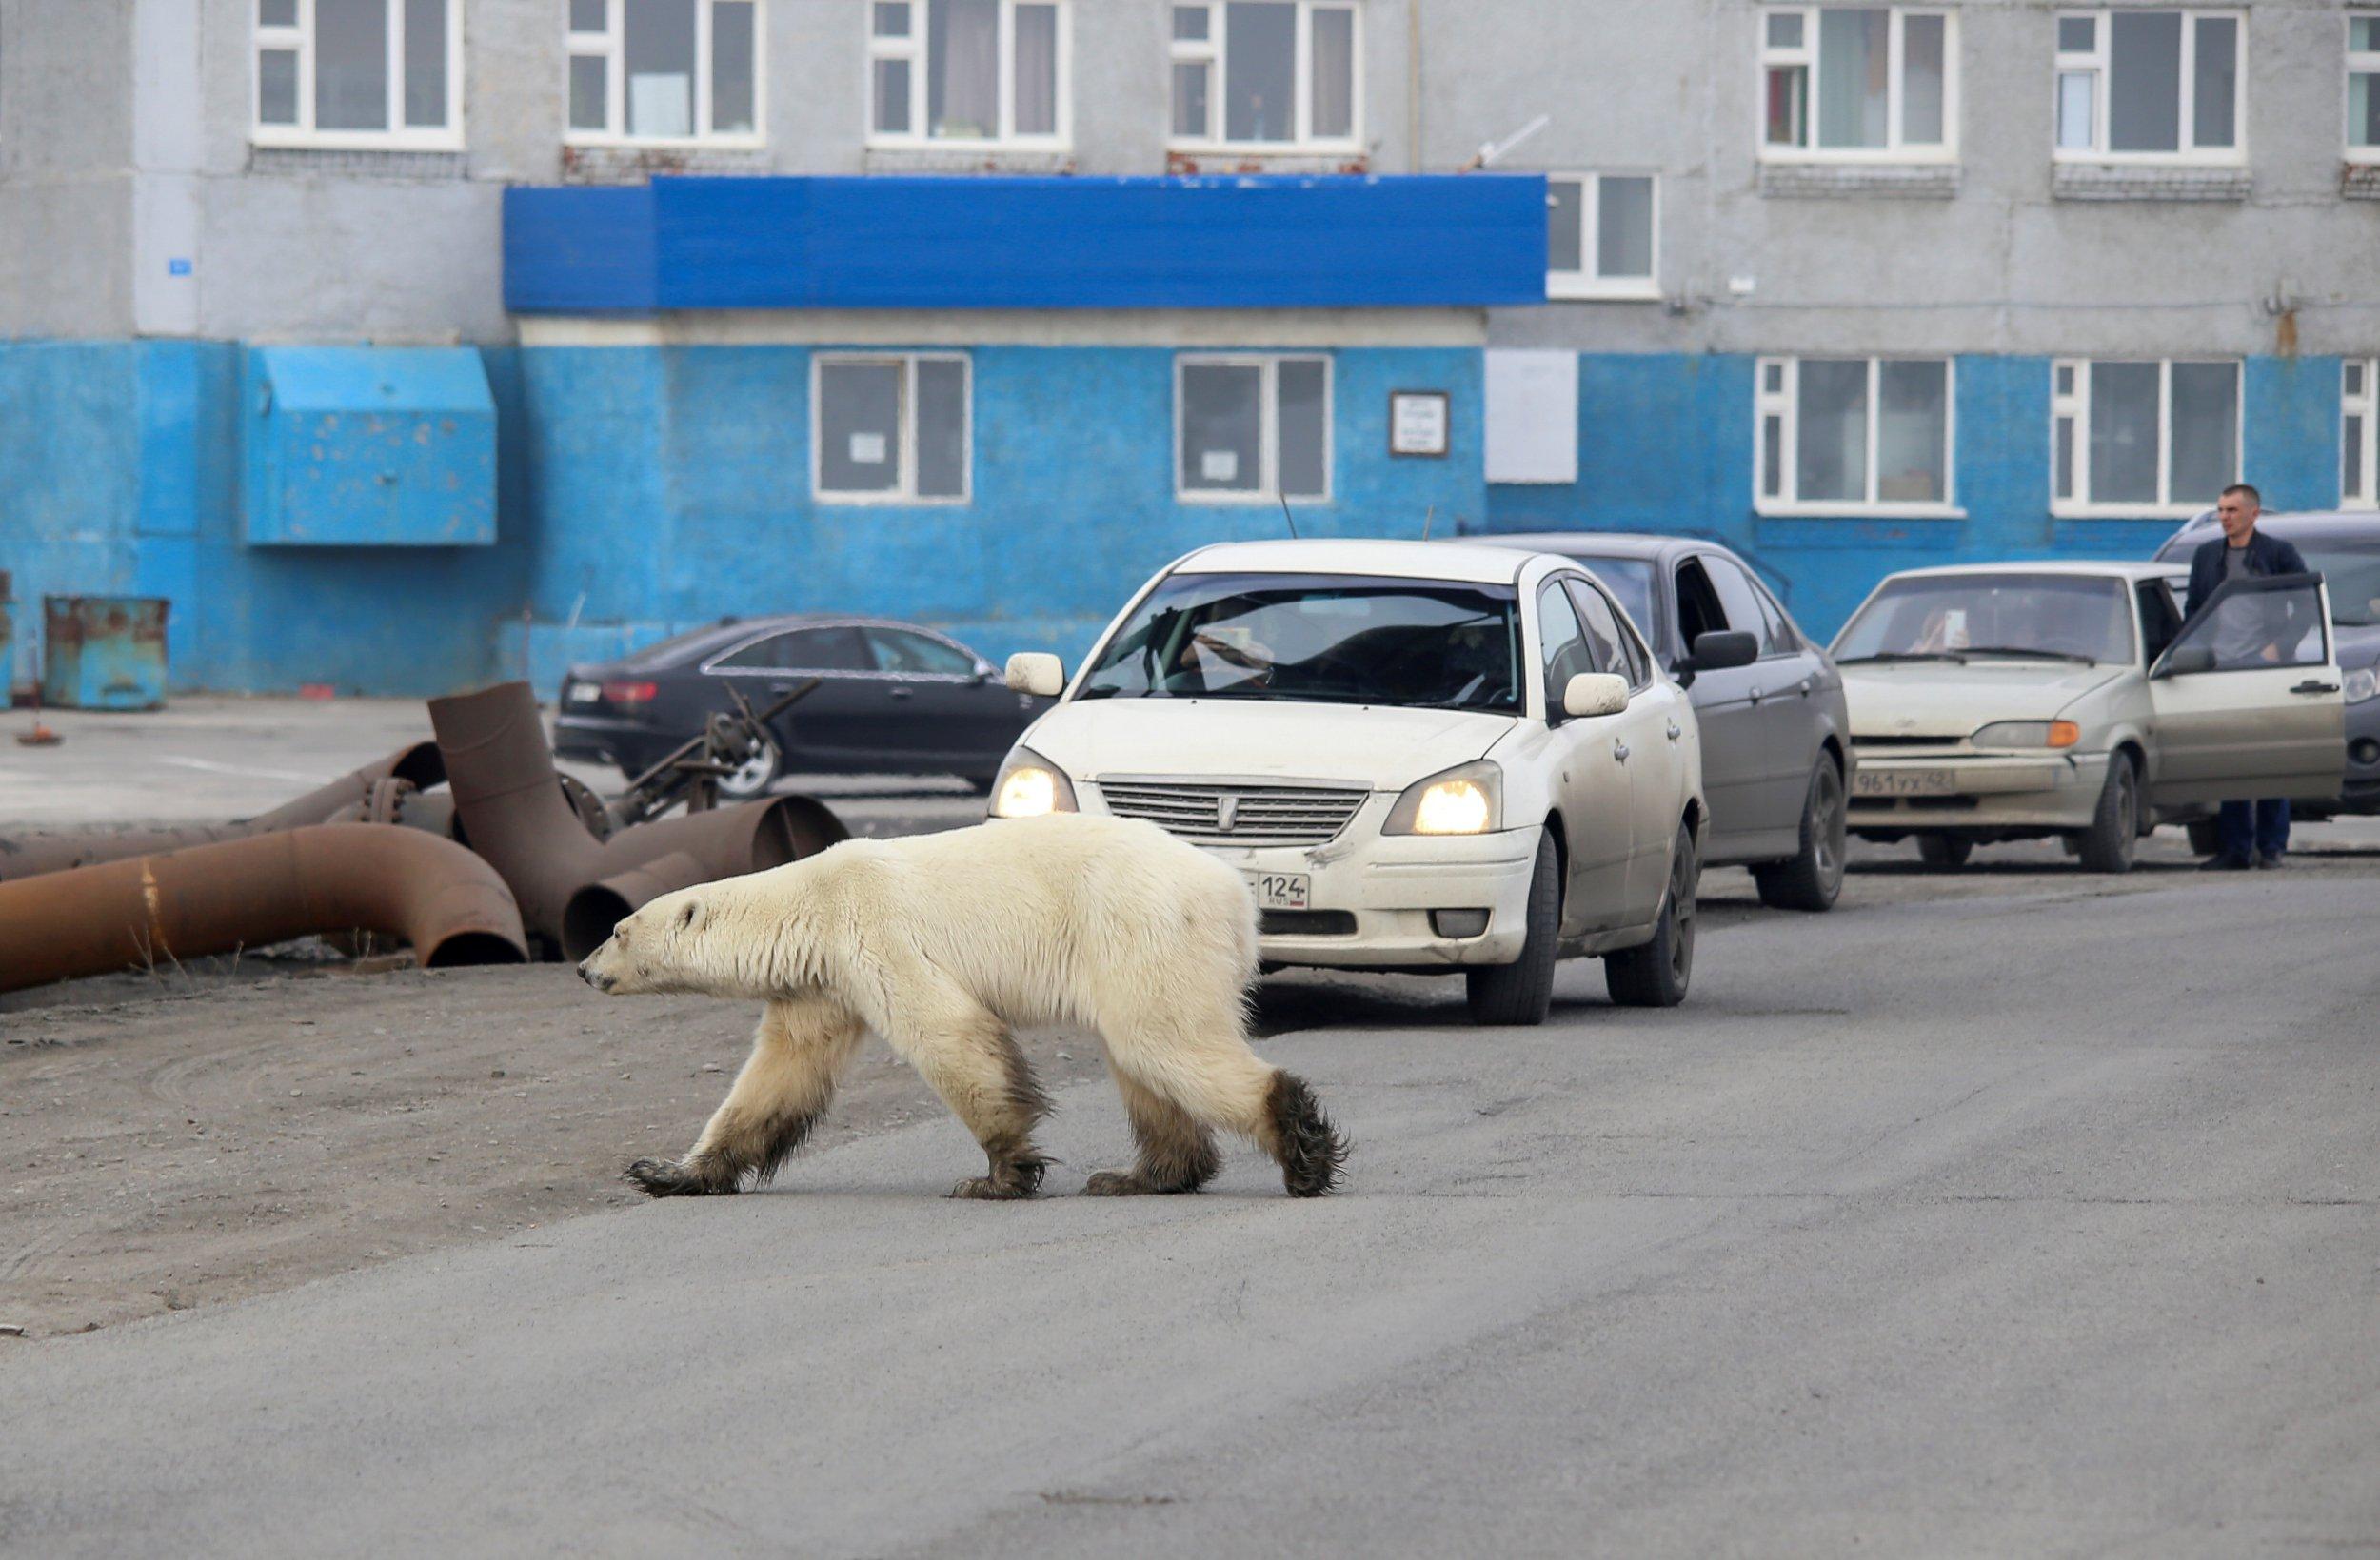 A erratic frigid bear is seen in a industrial city of Norilsk, Russia